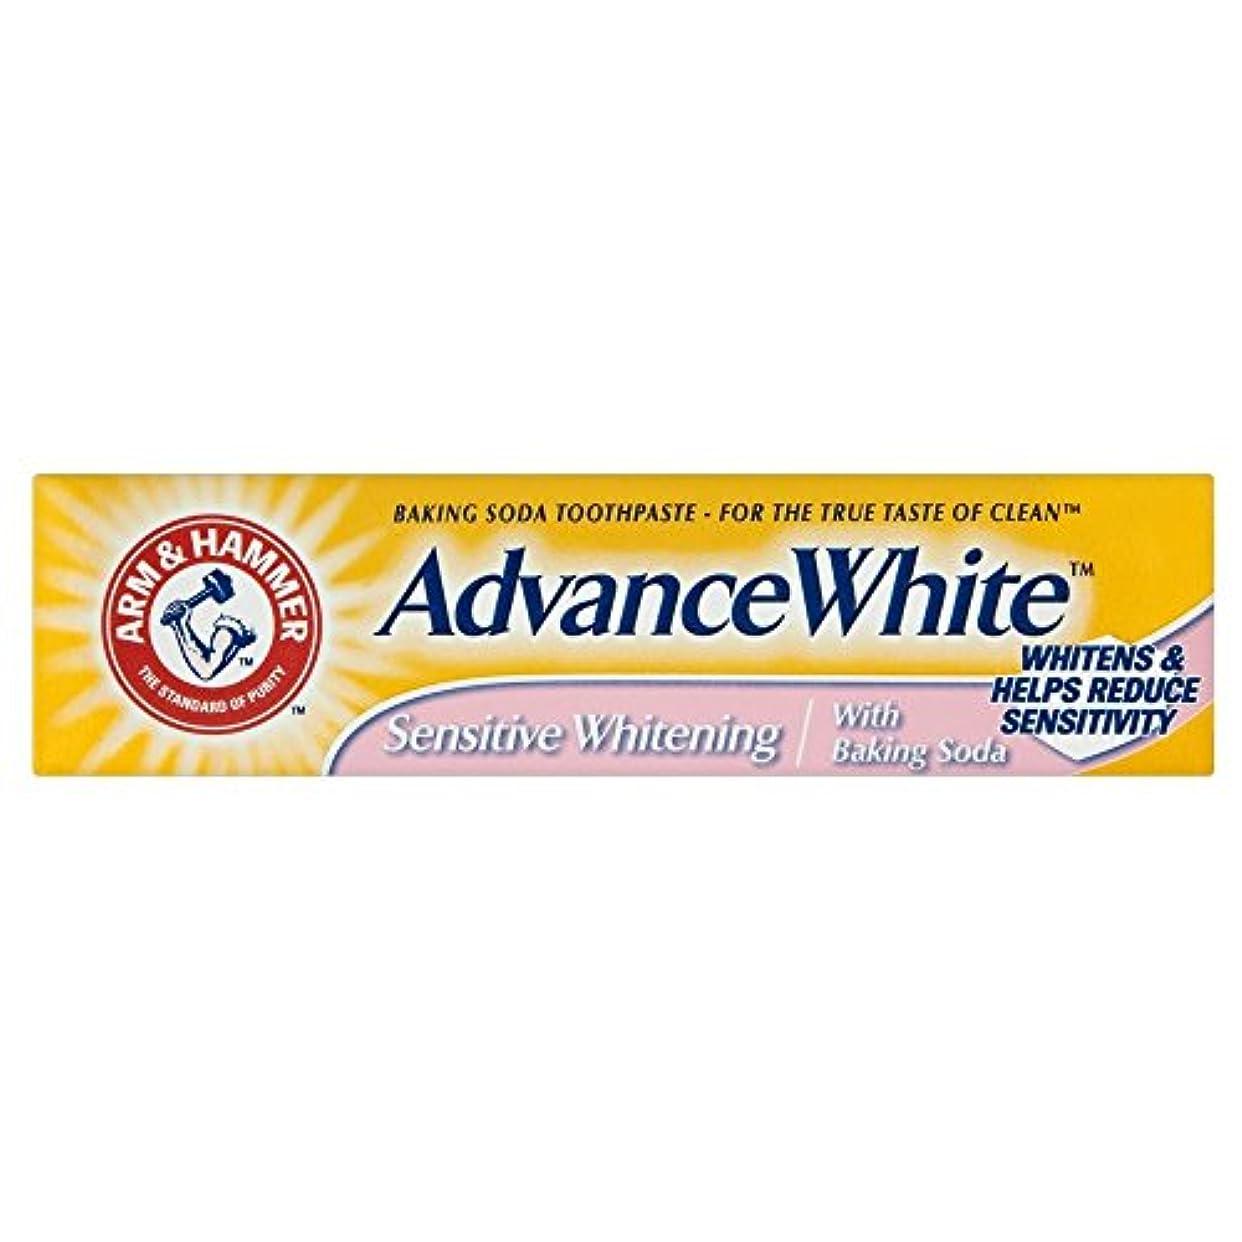 回答侵入する楽しませるArm & Hammer Advanced White Sensitive Toothpaste (75ml) アームとハンマー高度な白敏感歯磨き粉( 75ミリリットル) [並行輸入品]